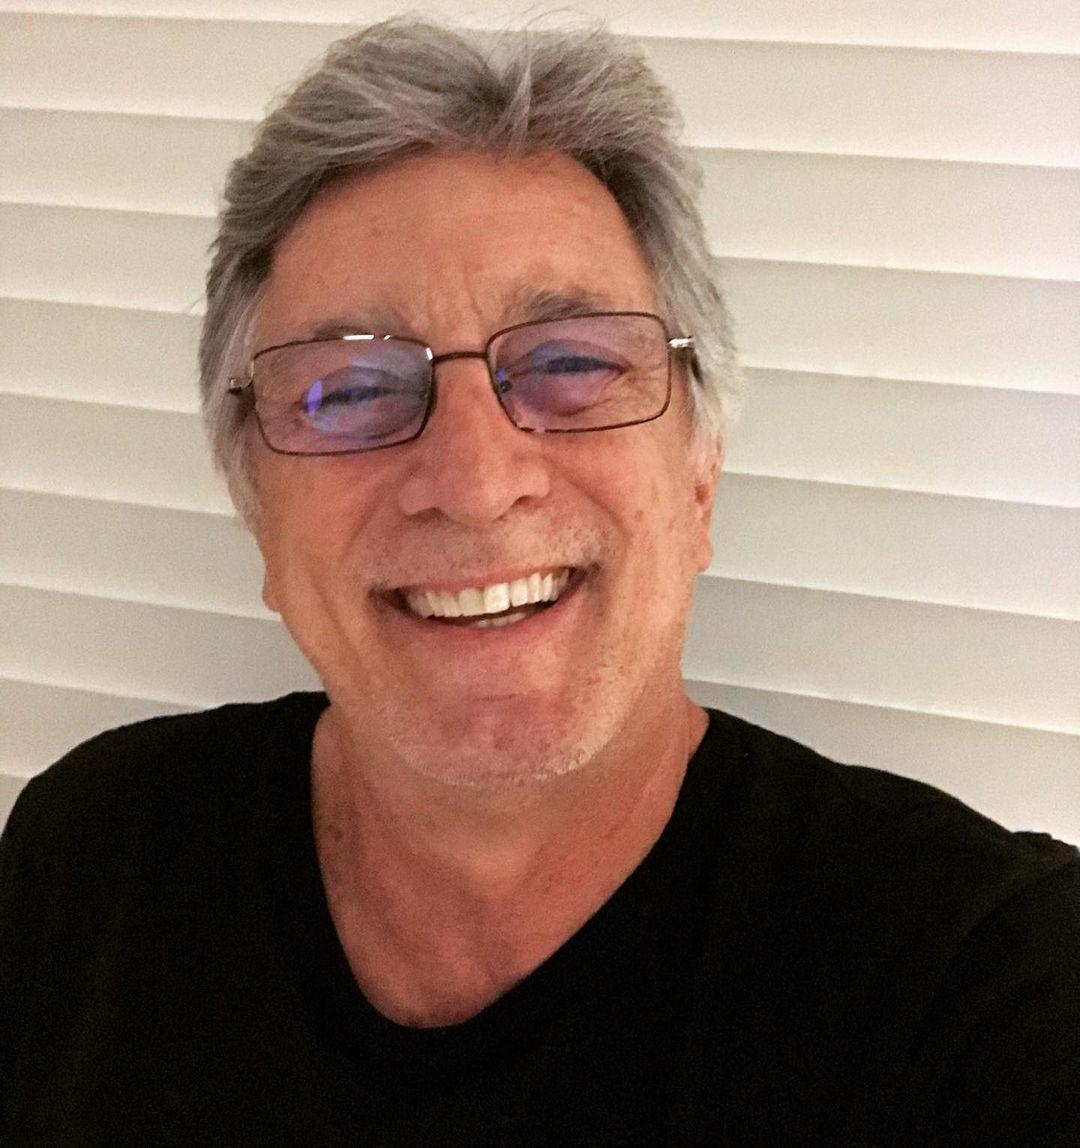 Eduardo Galvão sorridente.